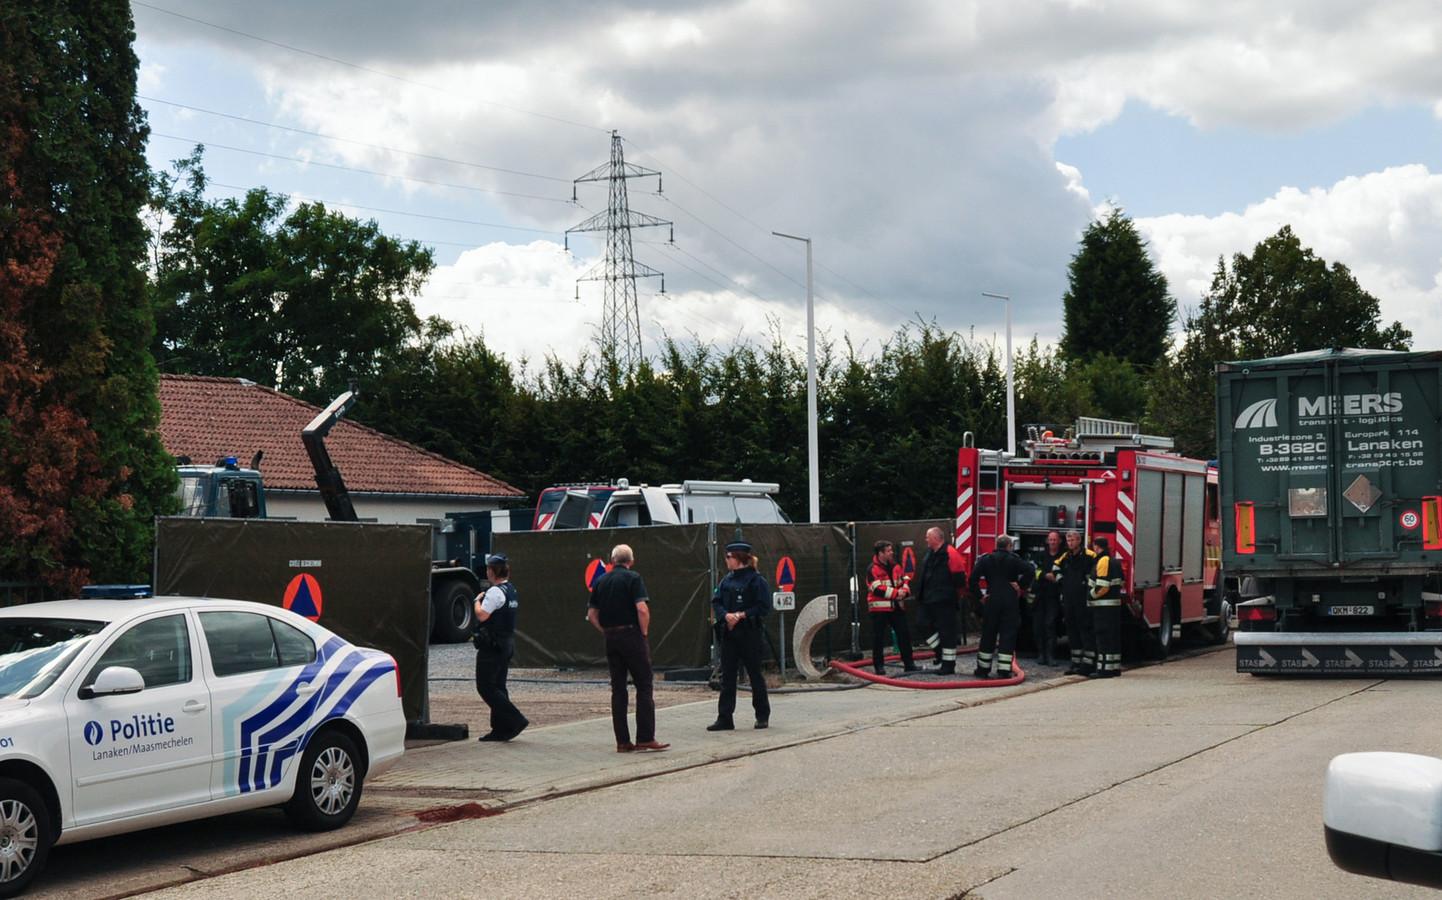 Een van de drugslabo's was ondergebracht in een loods aan de Industrieweg in Lanaken. Op 29 juli 2015 brak daar brand uit.